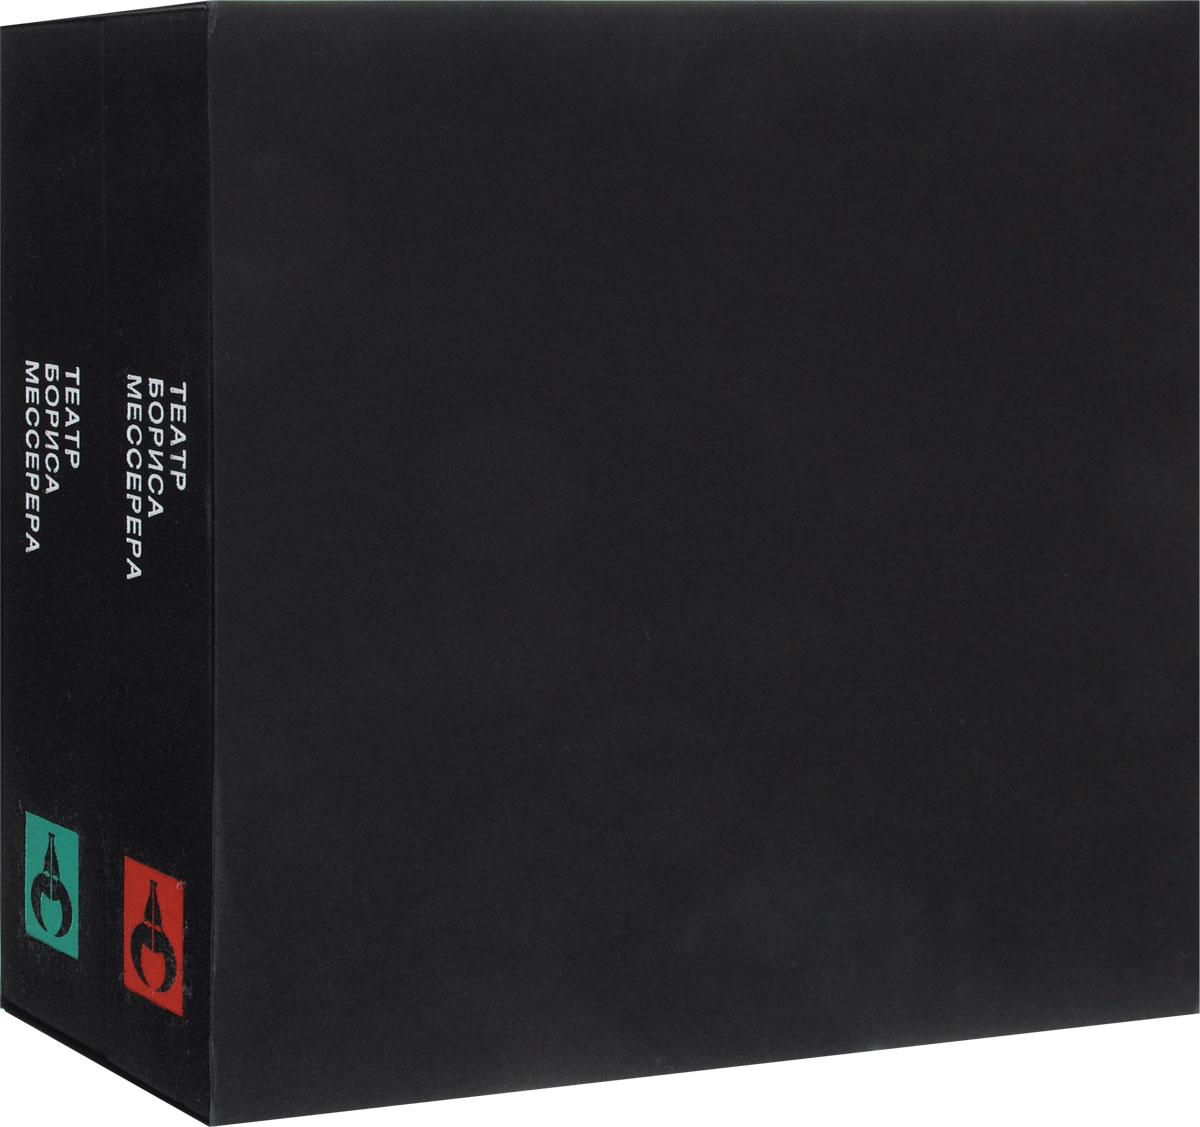 цены Б. А. Мессерер, В. Пацюков, С. Лен Театр Бориса Мессерера. Том 1, 2 (комплект из 2 книг)